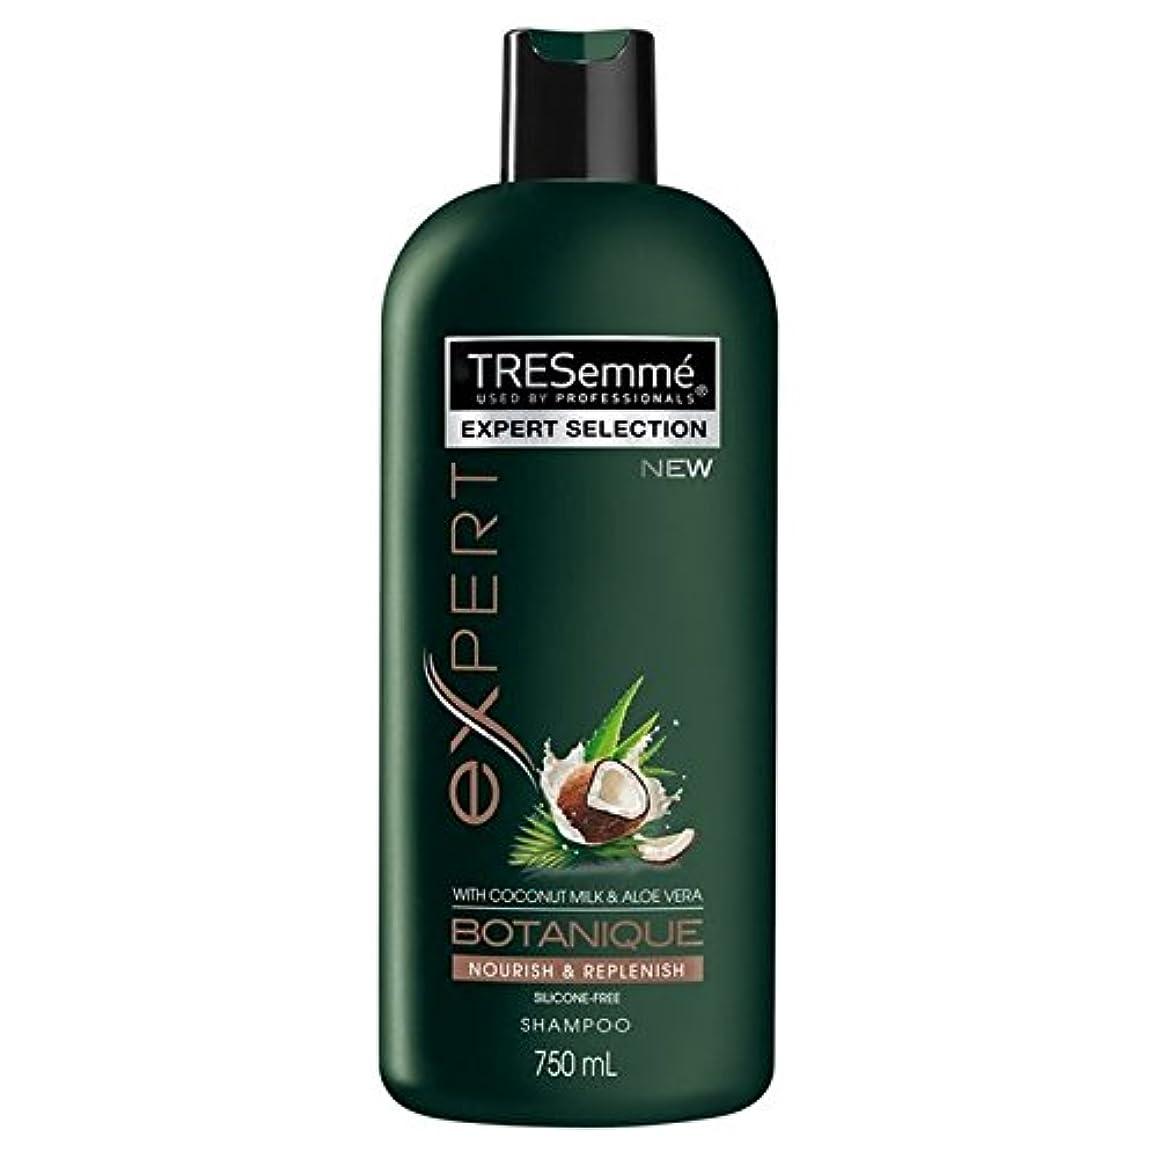 古くなった囲むエアコンTRESemme Botanique Nourish & Replenish Shampoo 750ml (Pack of 6) - のボタニックはシャンプー750ミリリットルを養う&補充します x6 [並行輸入品]